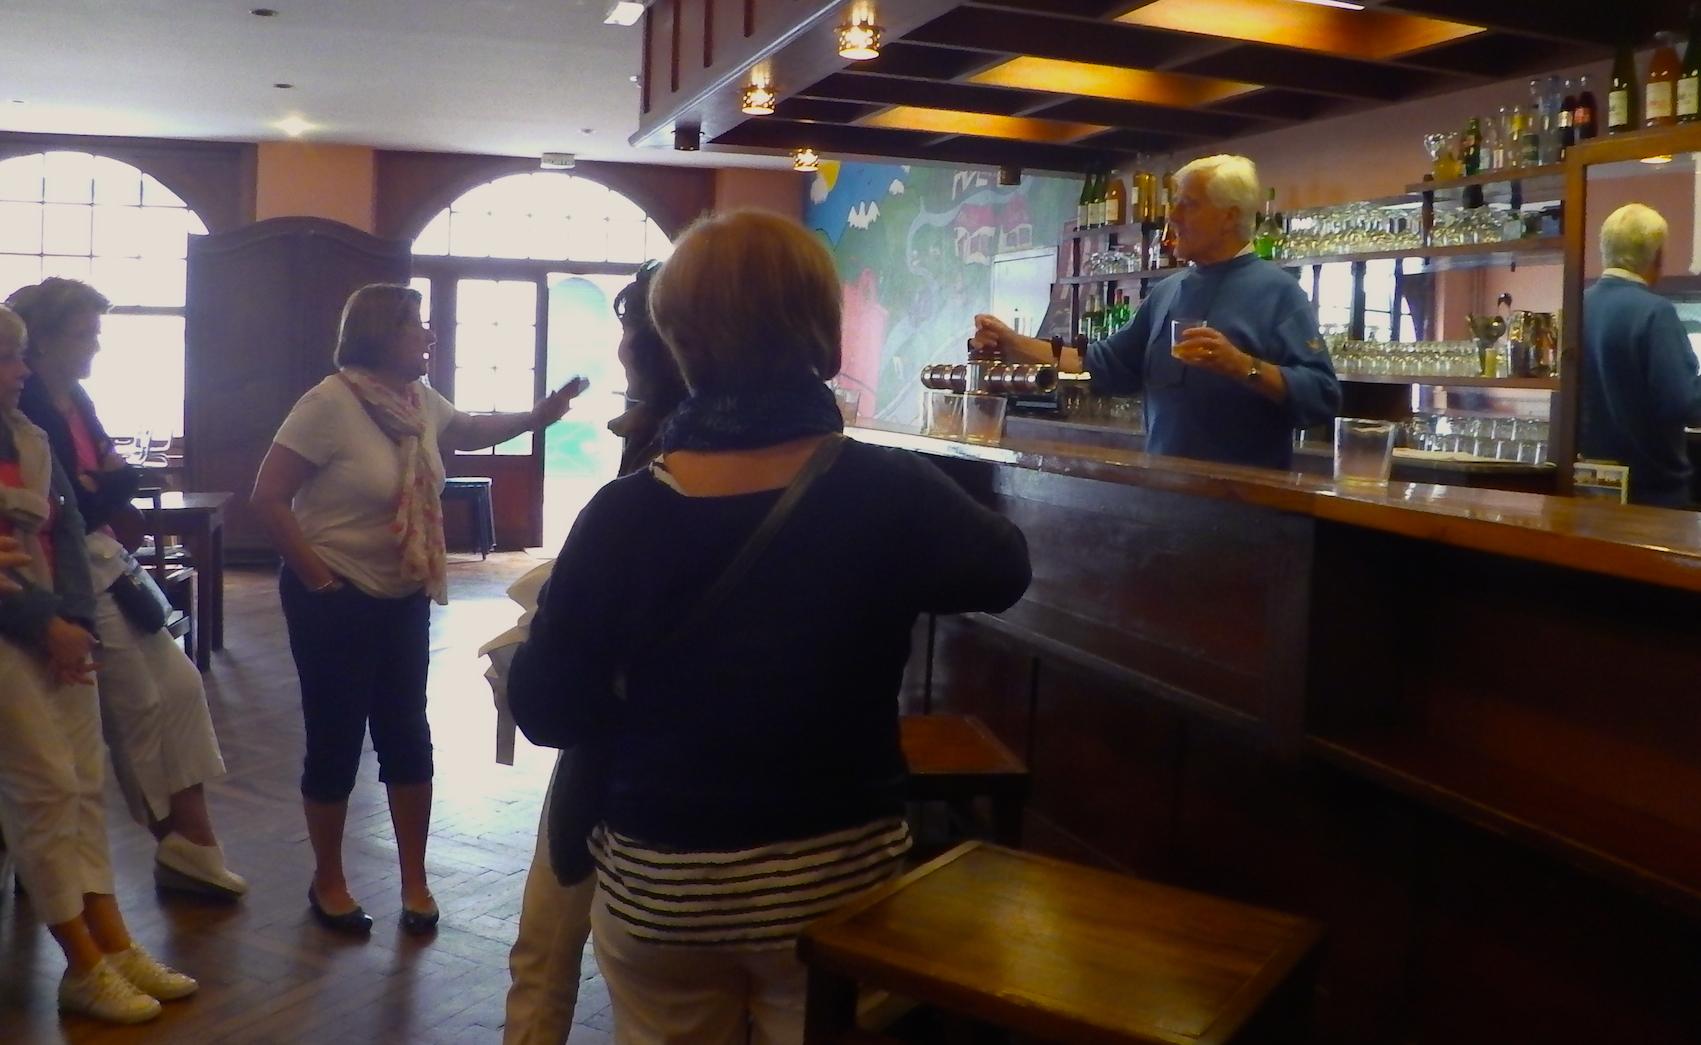 journée-visite-saint-jean-de-luz-agence-voyage-pays-basque-initiation-pelote-basque-15